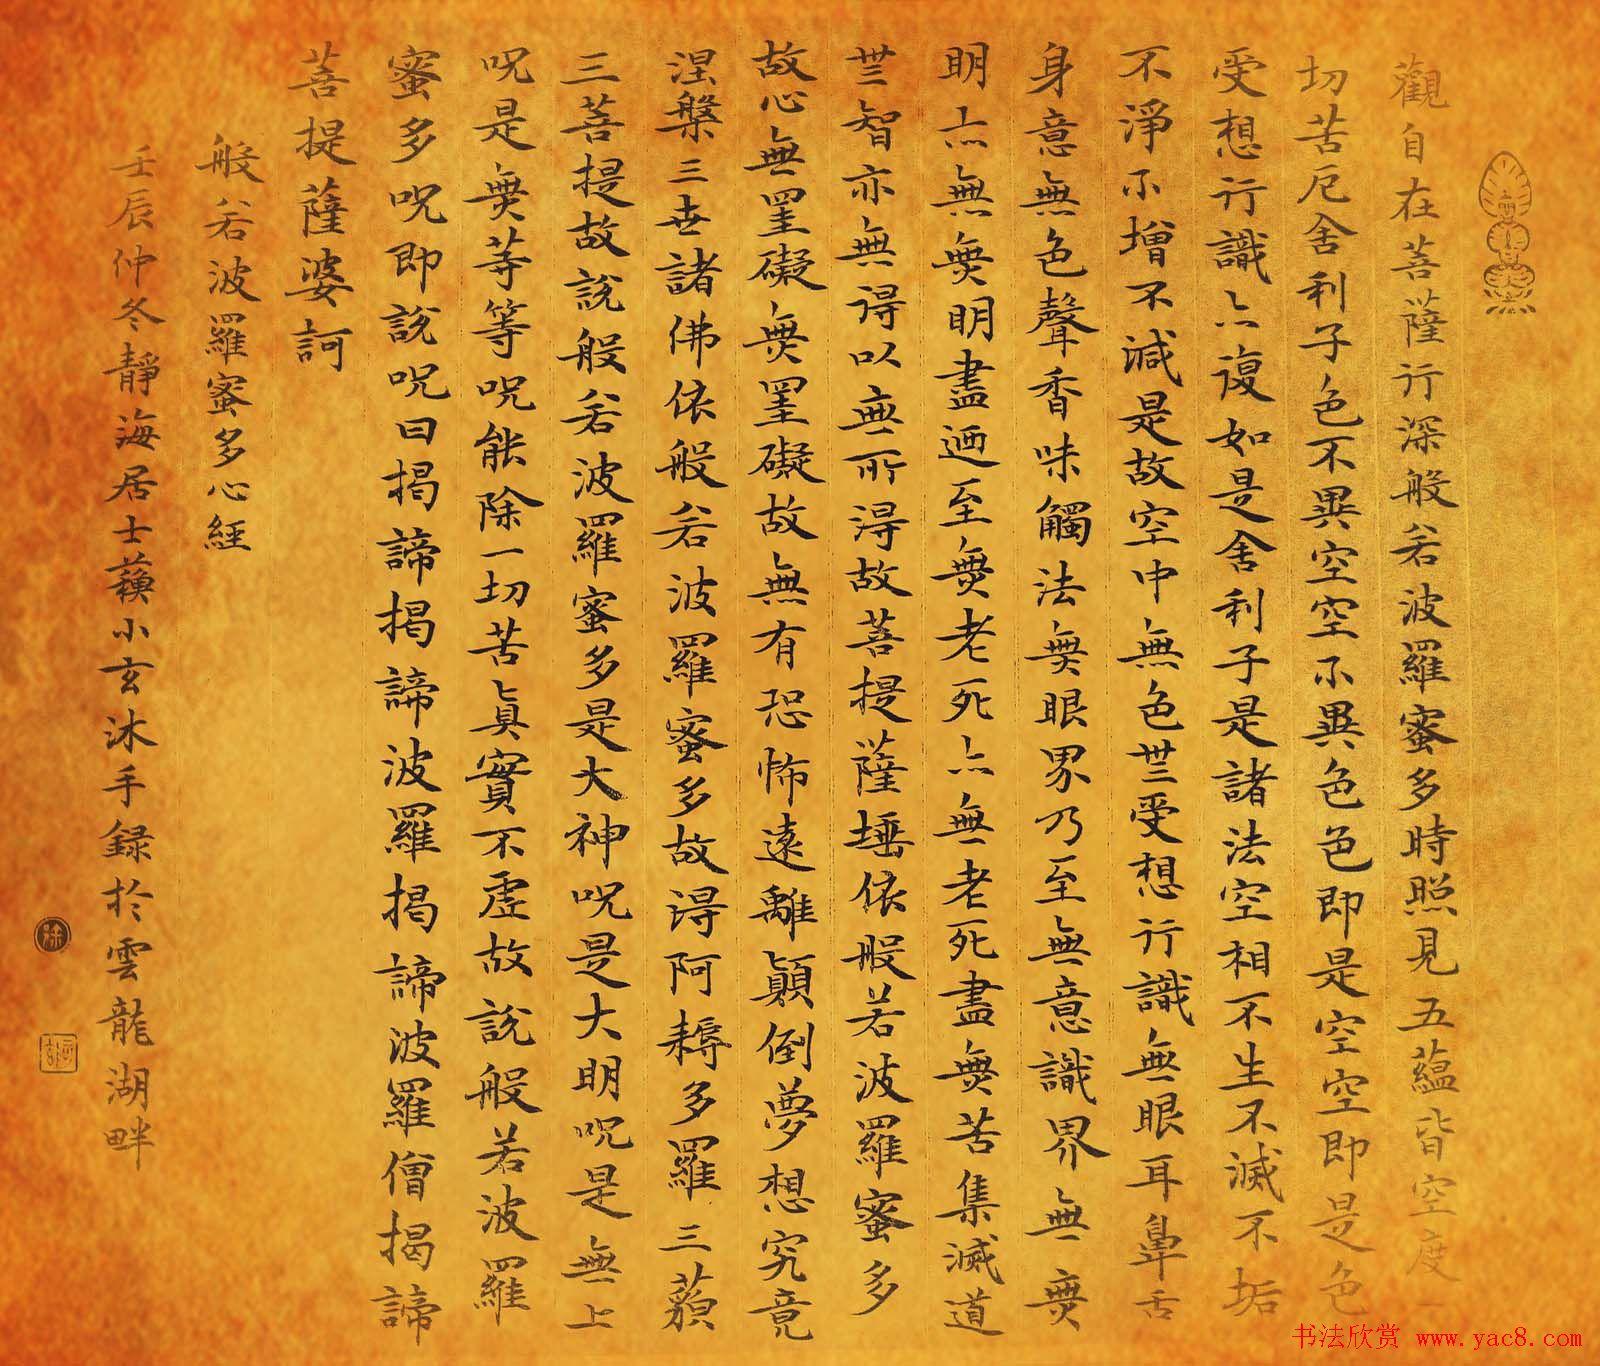 晏如居苏小玄楷书心经书法作品四种